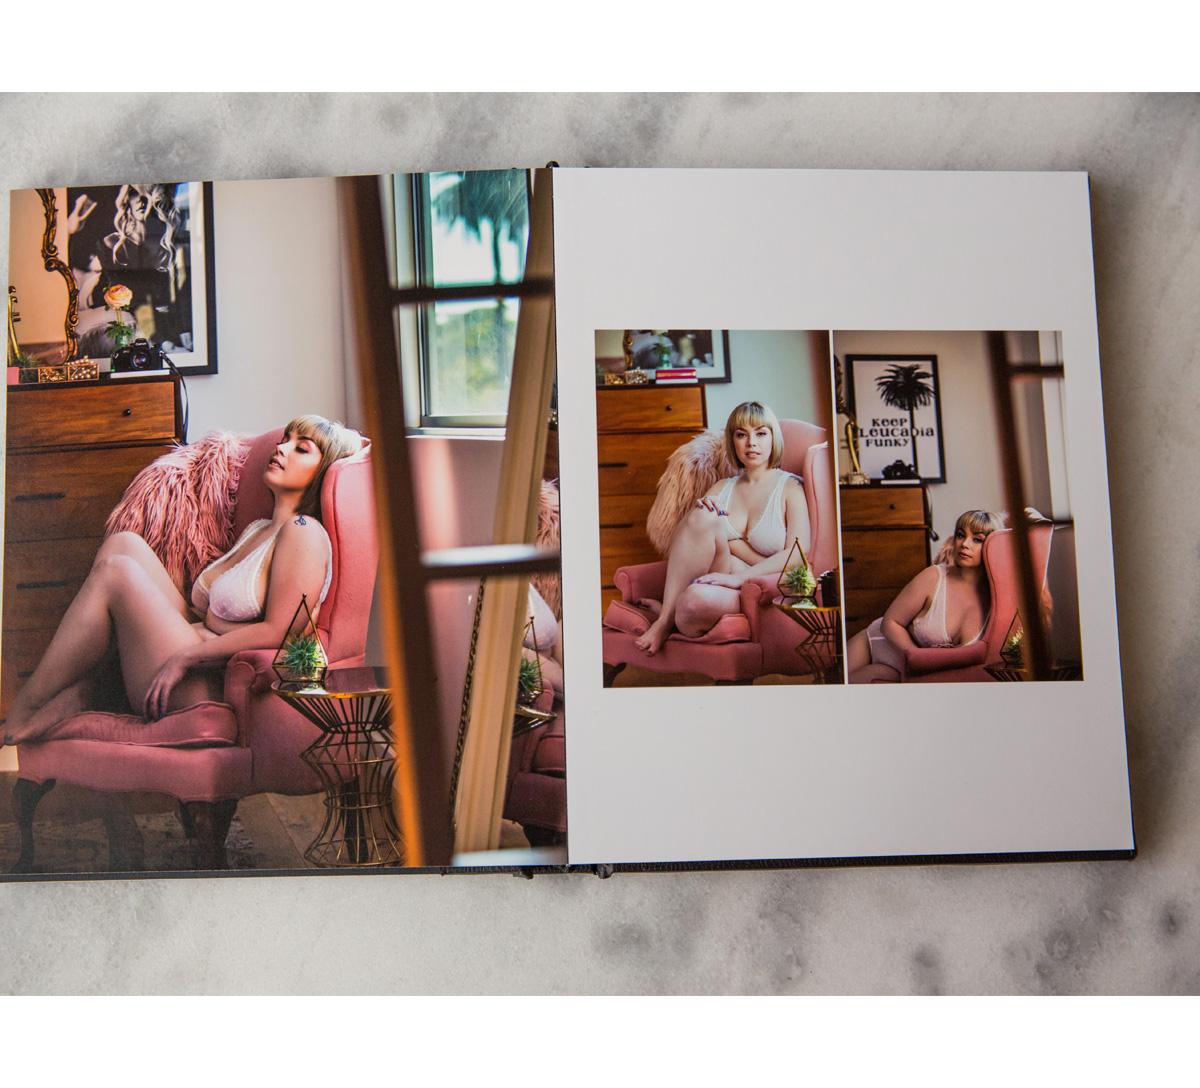 book-boudoir-portrait-bay-photo-boudoir-divas copy.jpg